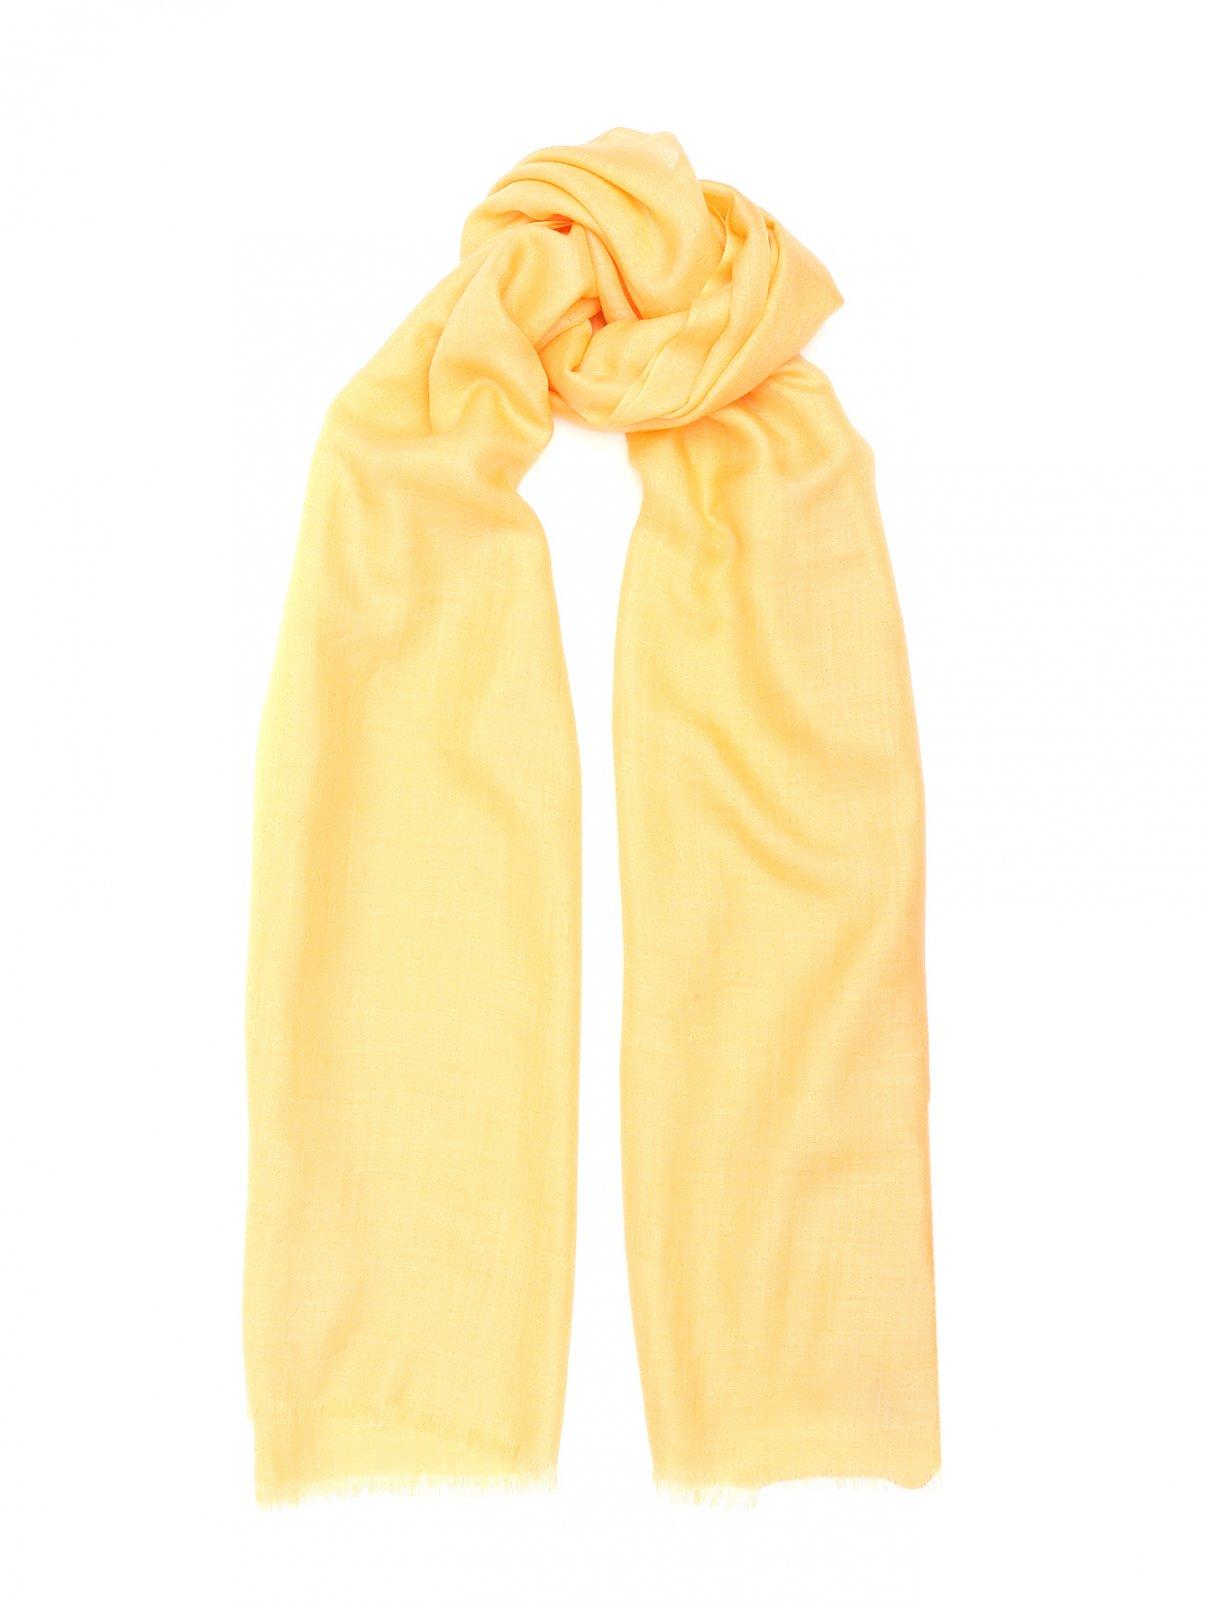 Шарф из кашемира и шелка Max&Co  –  Общий вид  – Цвет:  Оранжевый